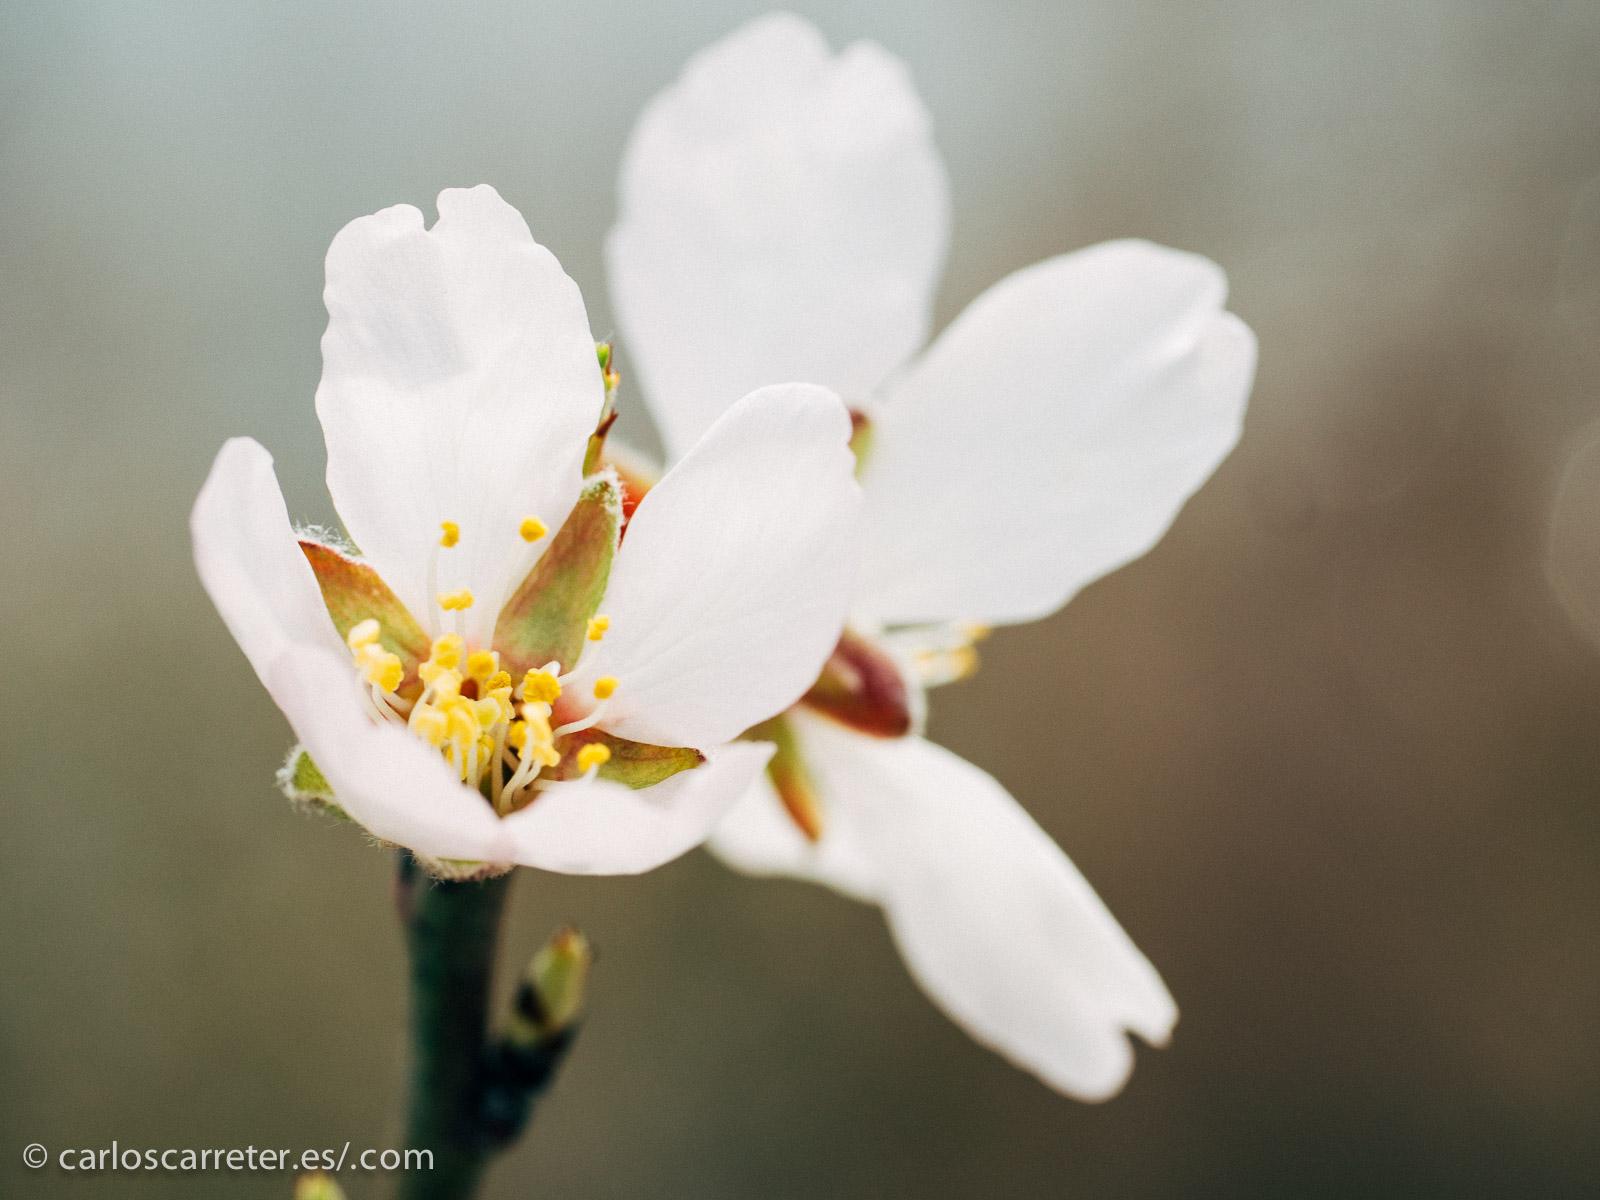 Incluso hemos usado los objetivos macro para fotografíar algunas de las flores. No en vano, llevamos ya unos días esta semana en los que las temperaturas diurnas están alcanzando ya los 15 ºC.